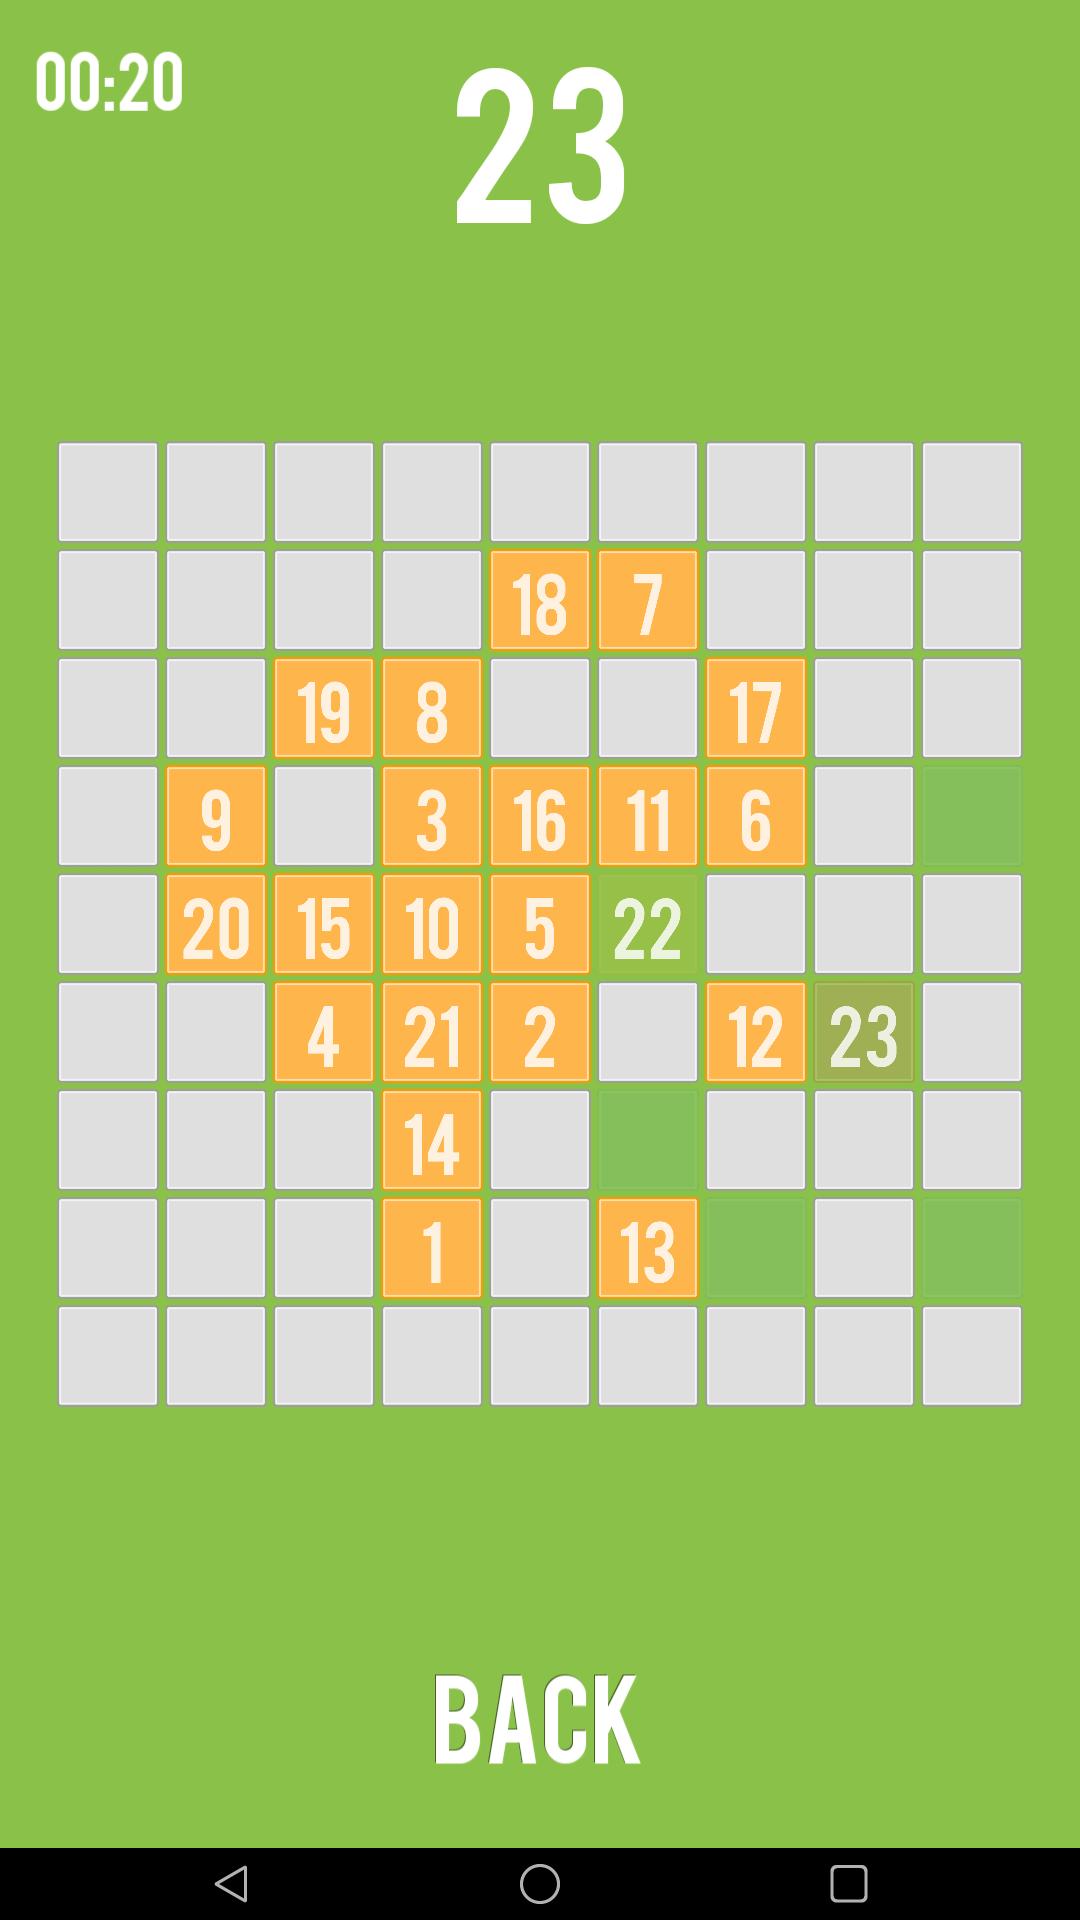 81 squares